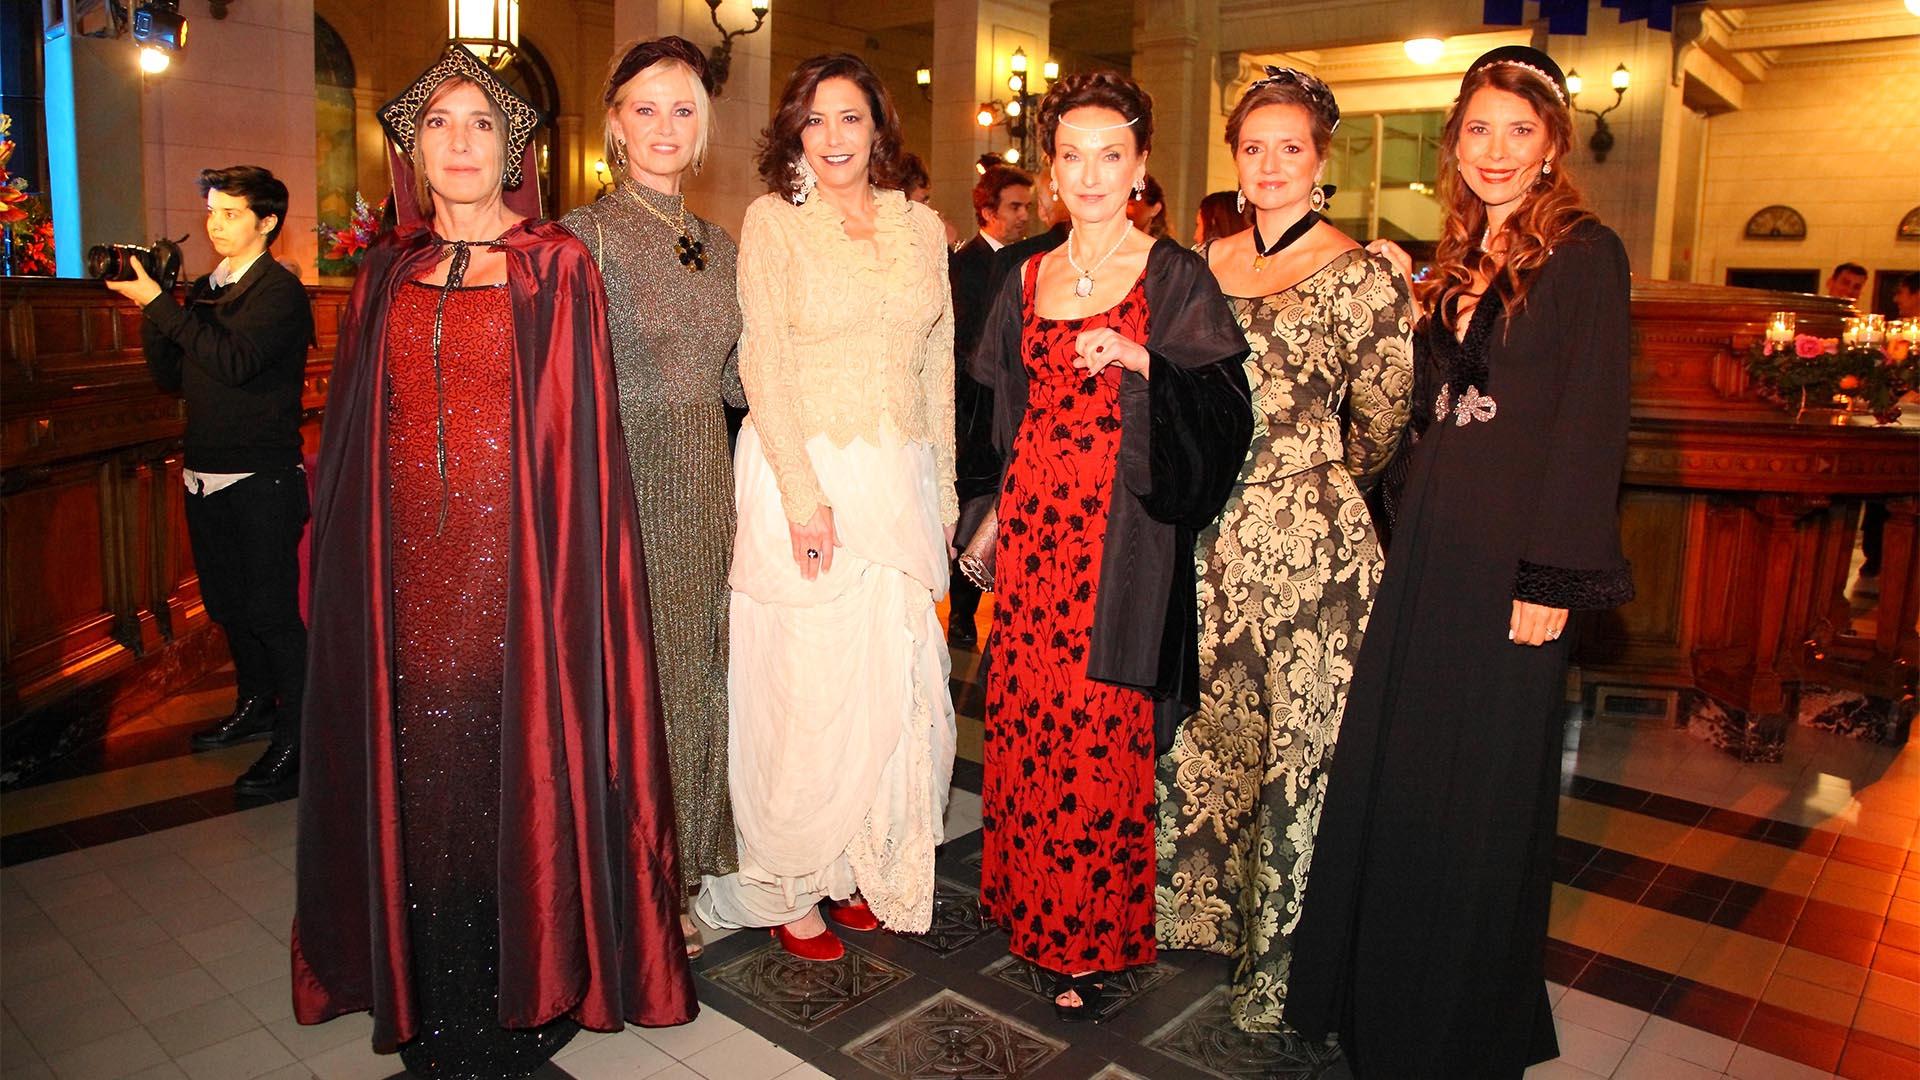 Verónica Zoani de Nutting, Josefina Carlés de Blaquier, Inés Justo, María Irene Herrero, Cecilia Remiro Valcarcel y Adriana Batán de Rocca